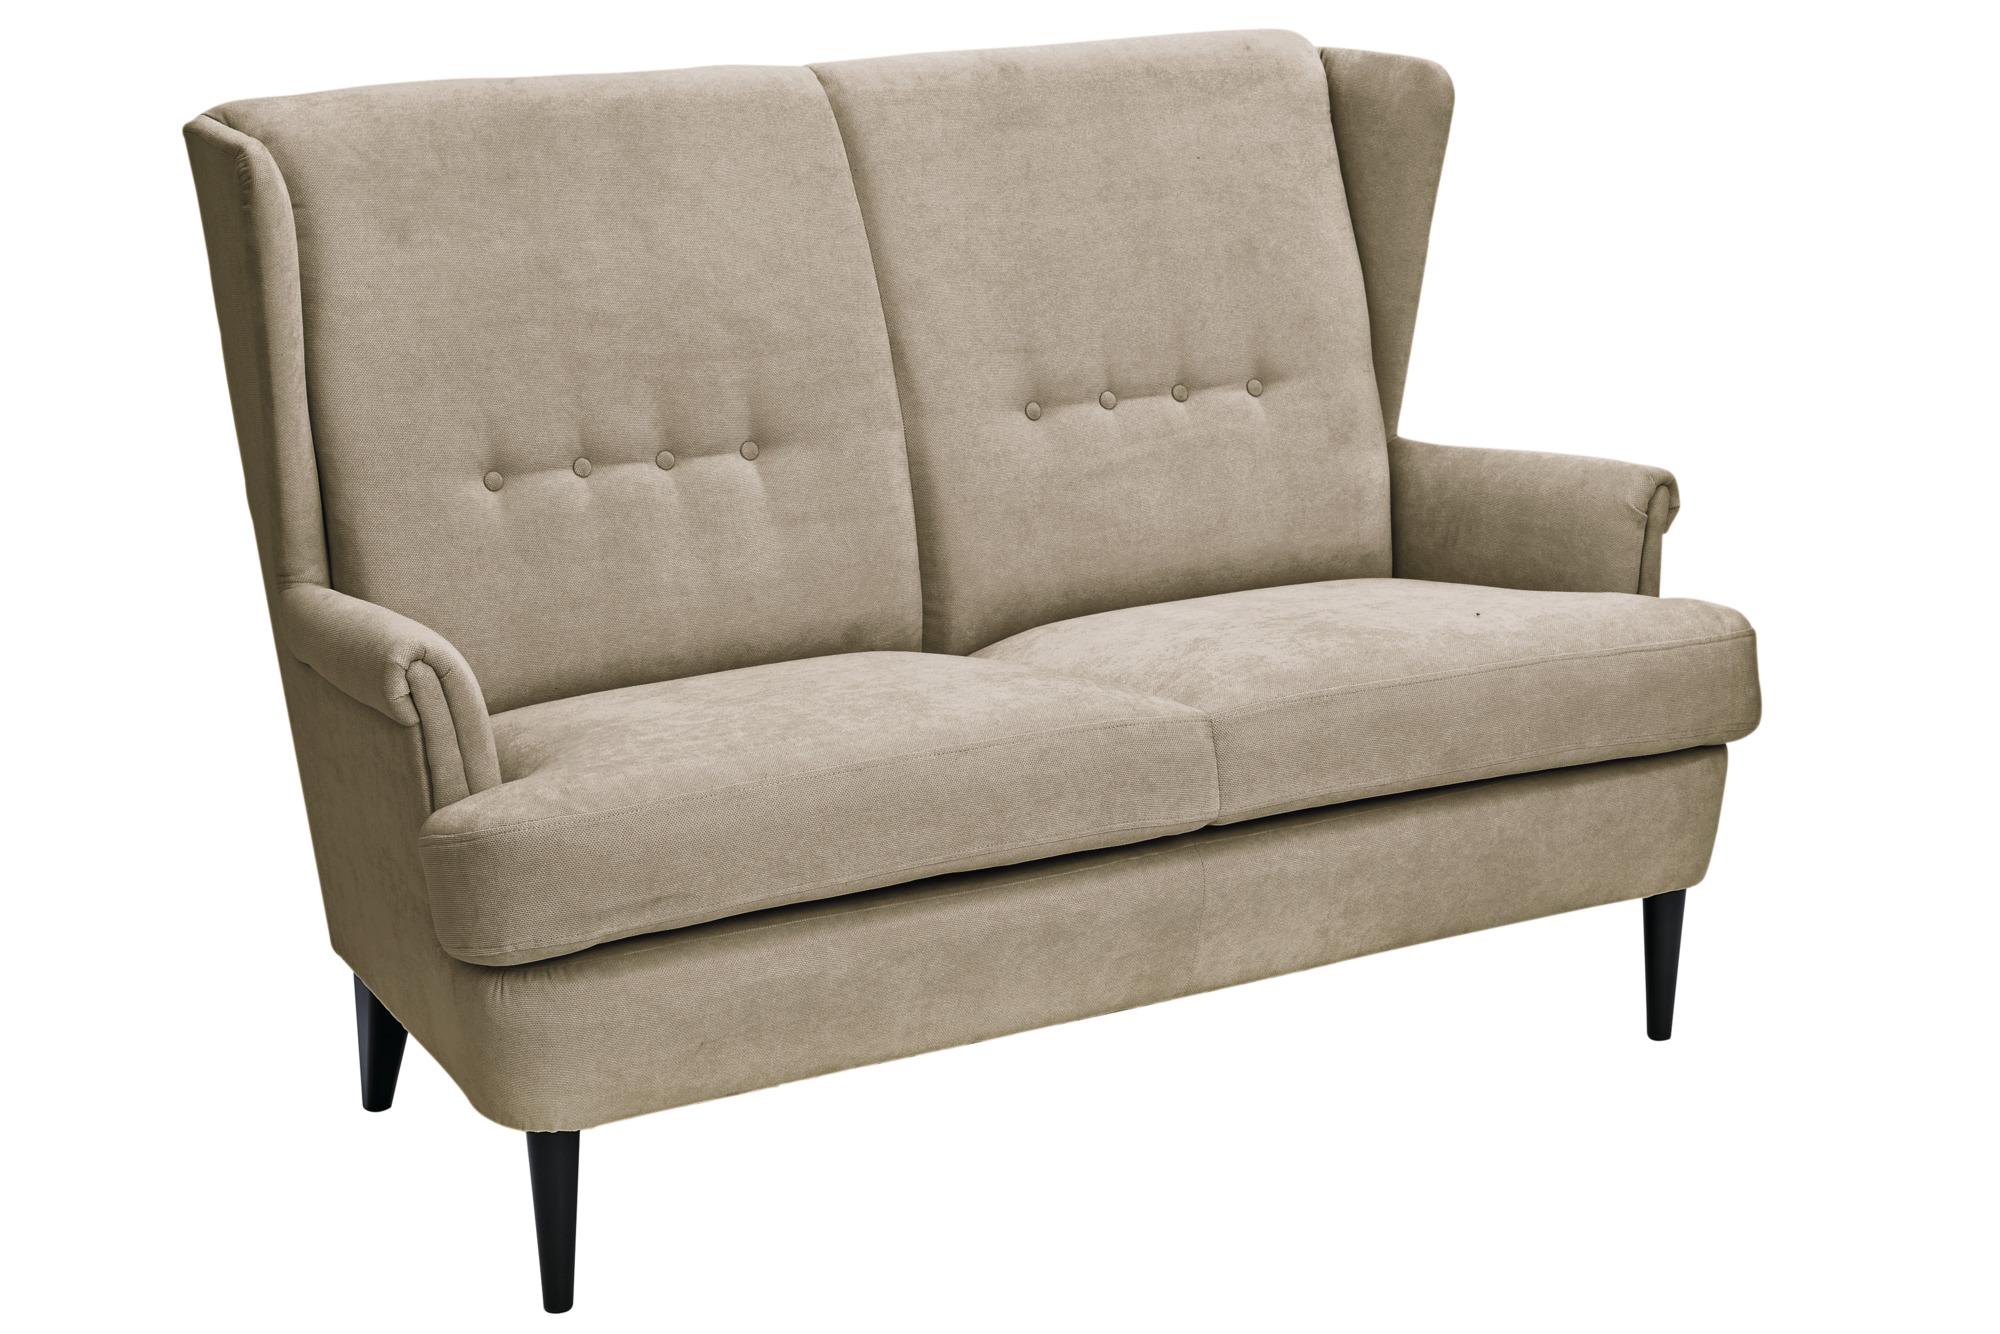 heine home Speisesofa 3er mit extrahoher Sitzfläche